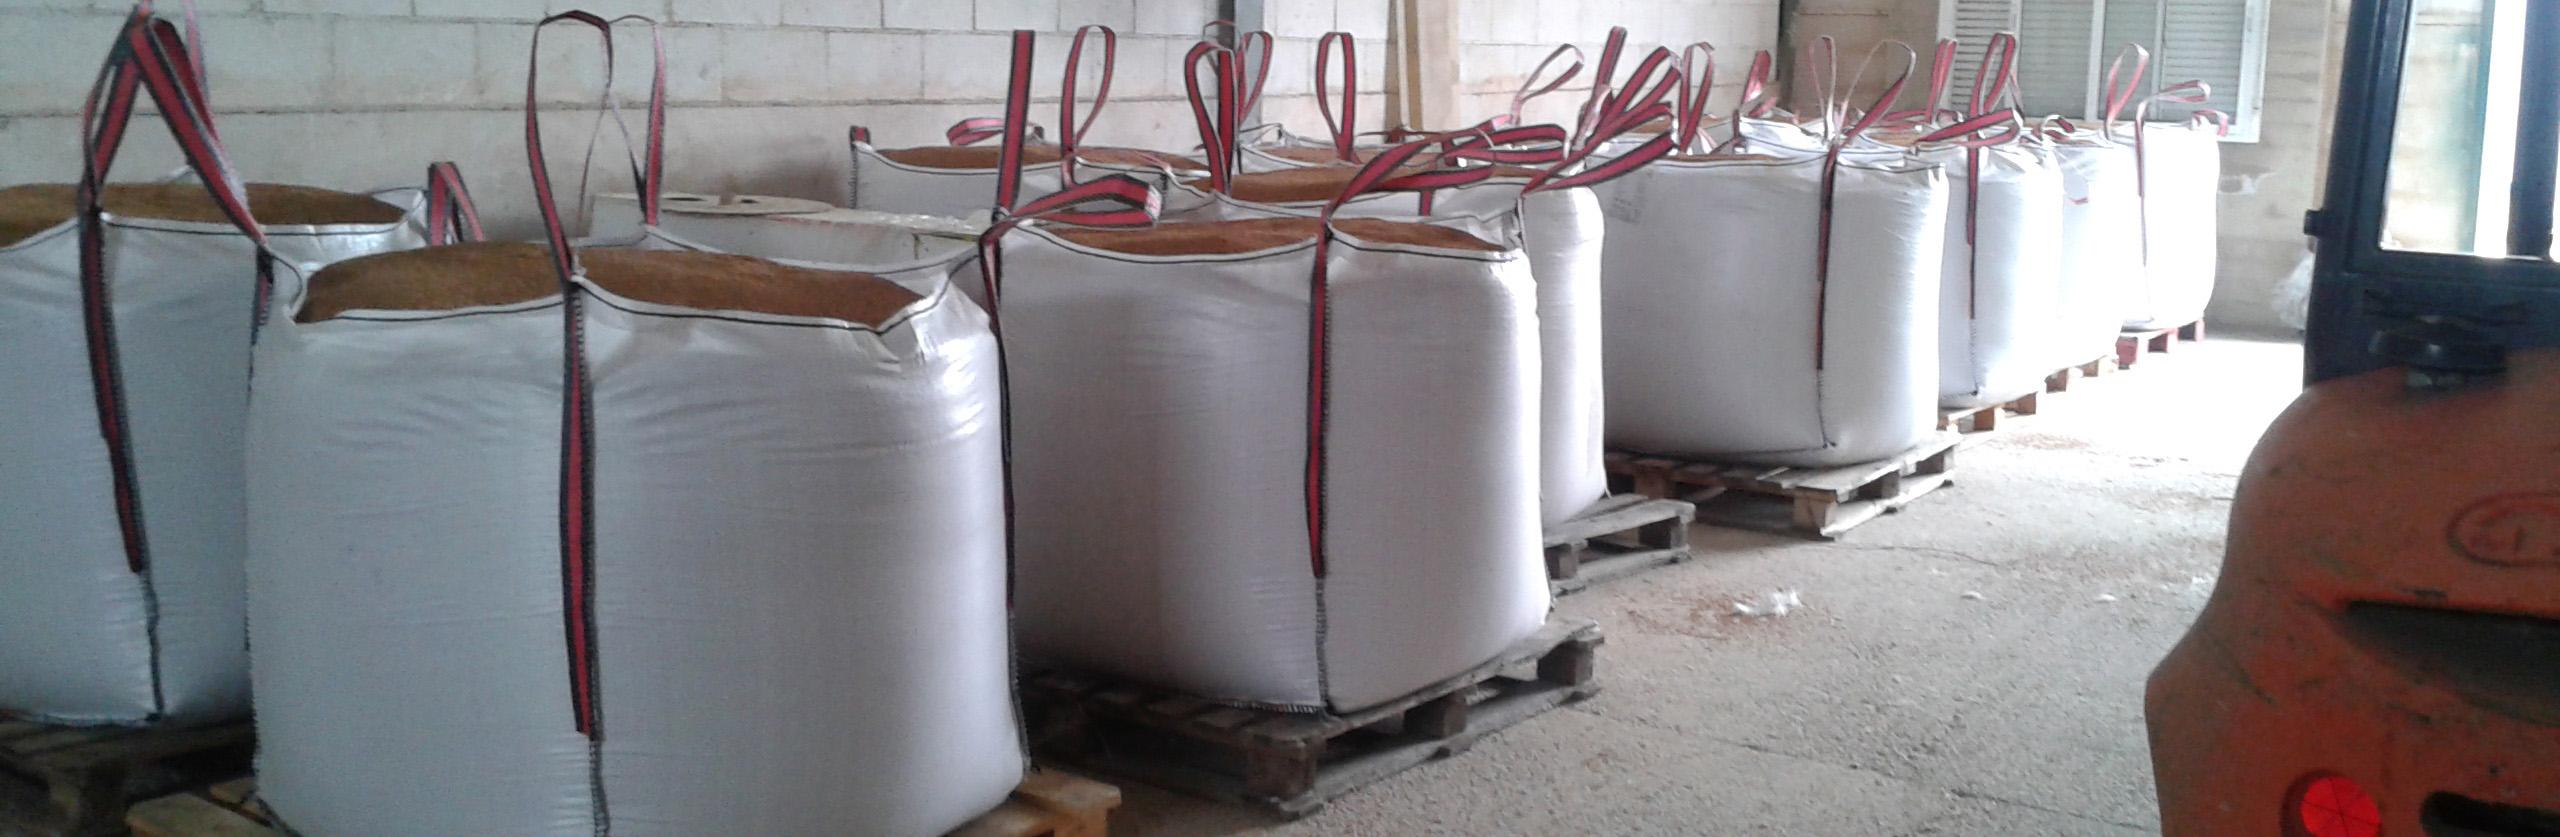 suministro biomasa 2